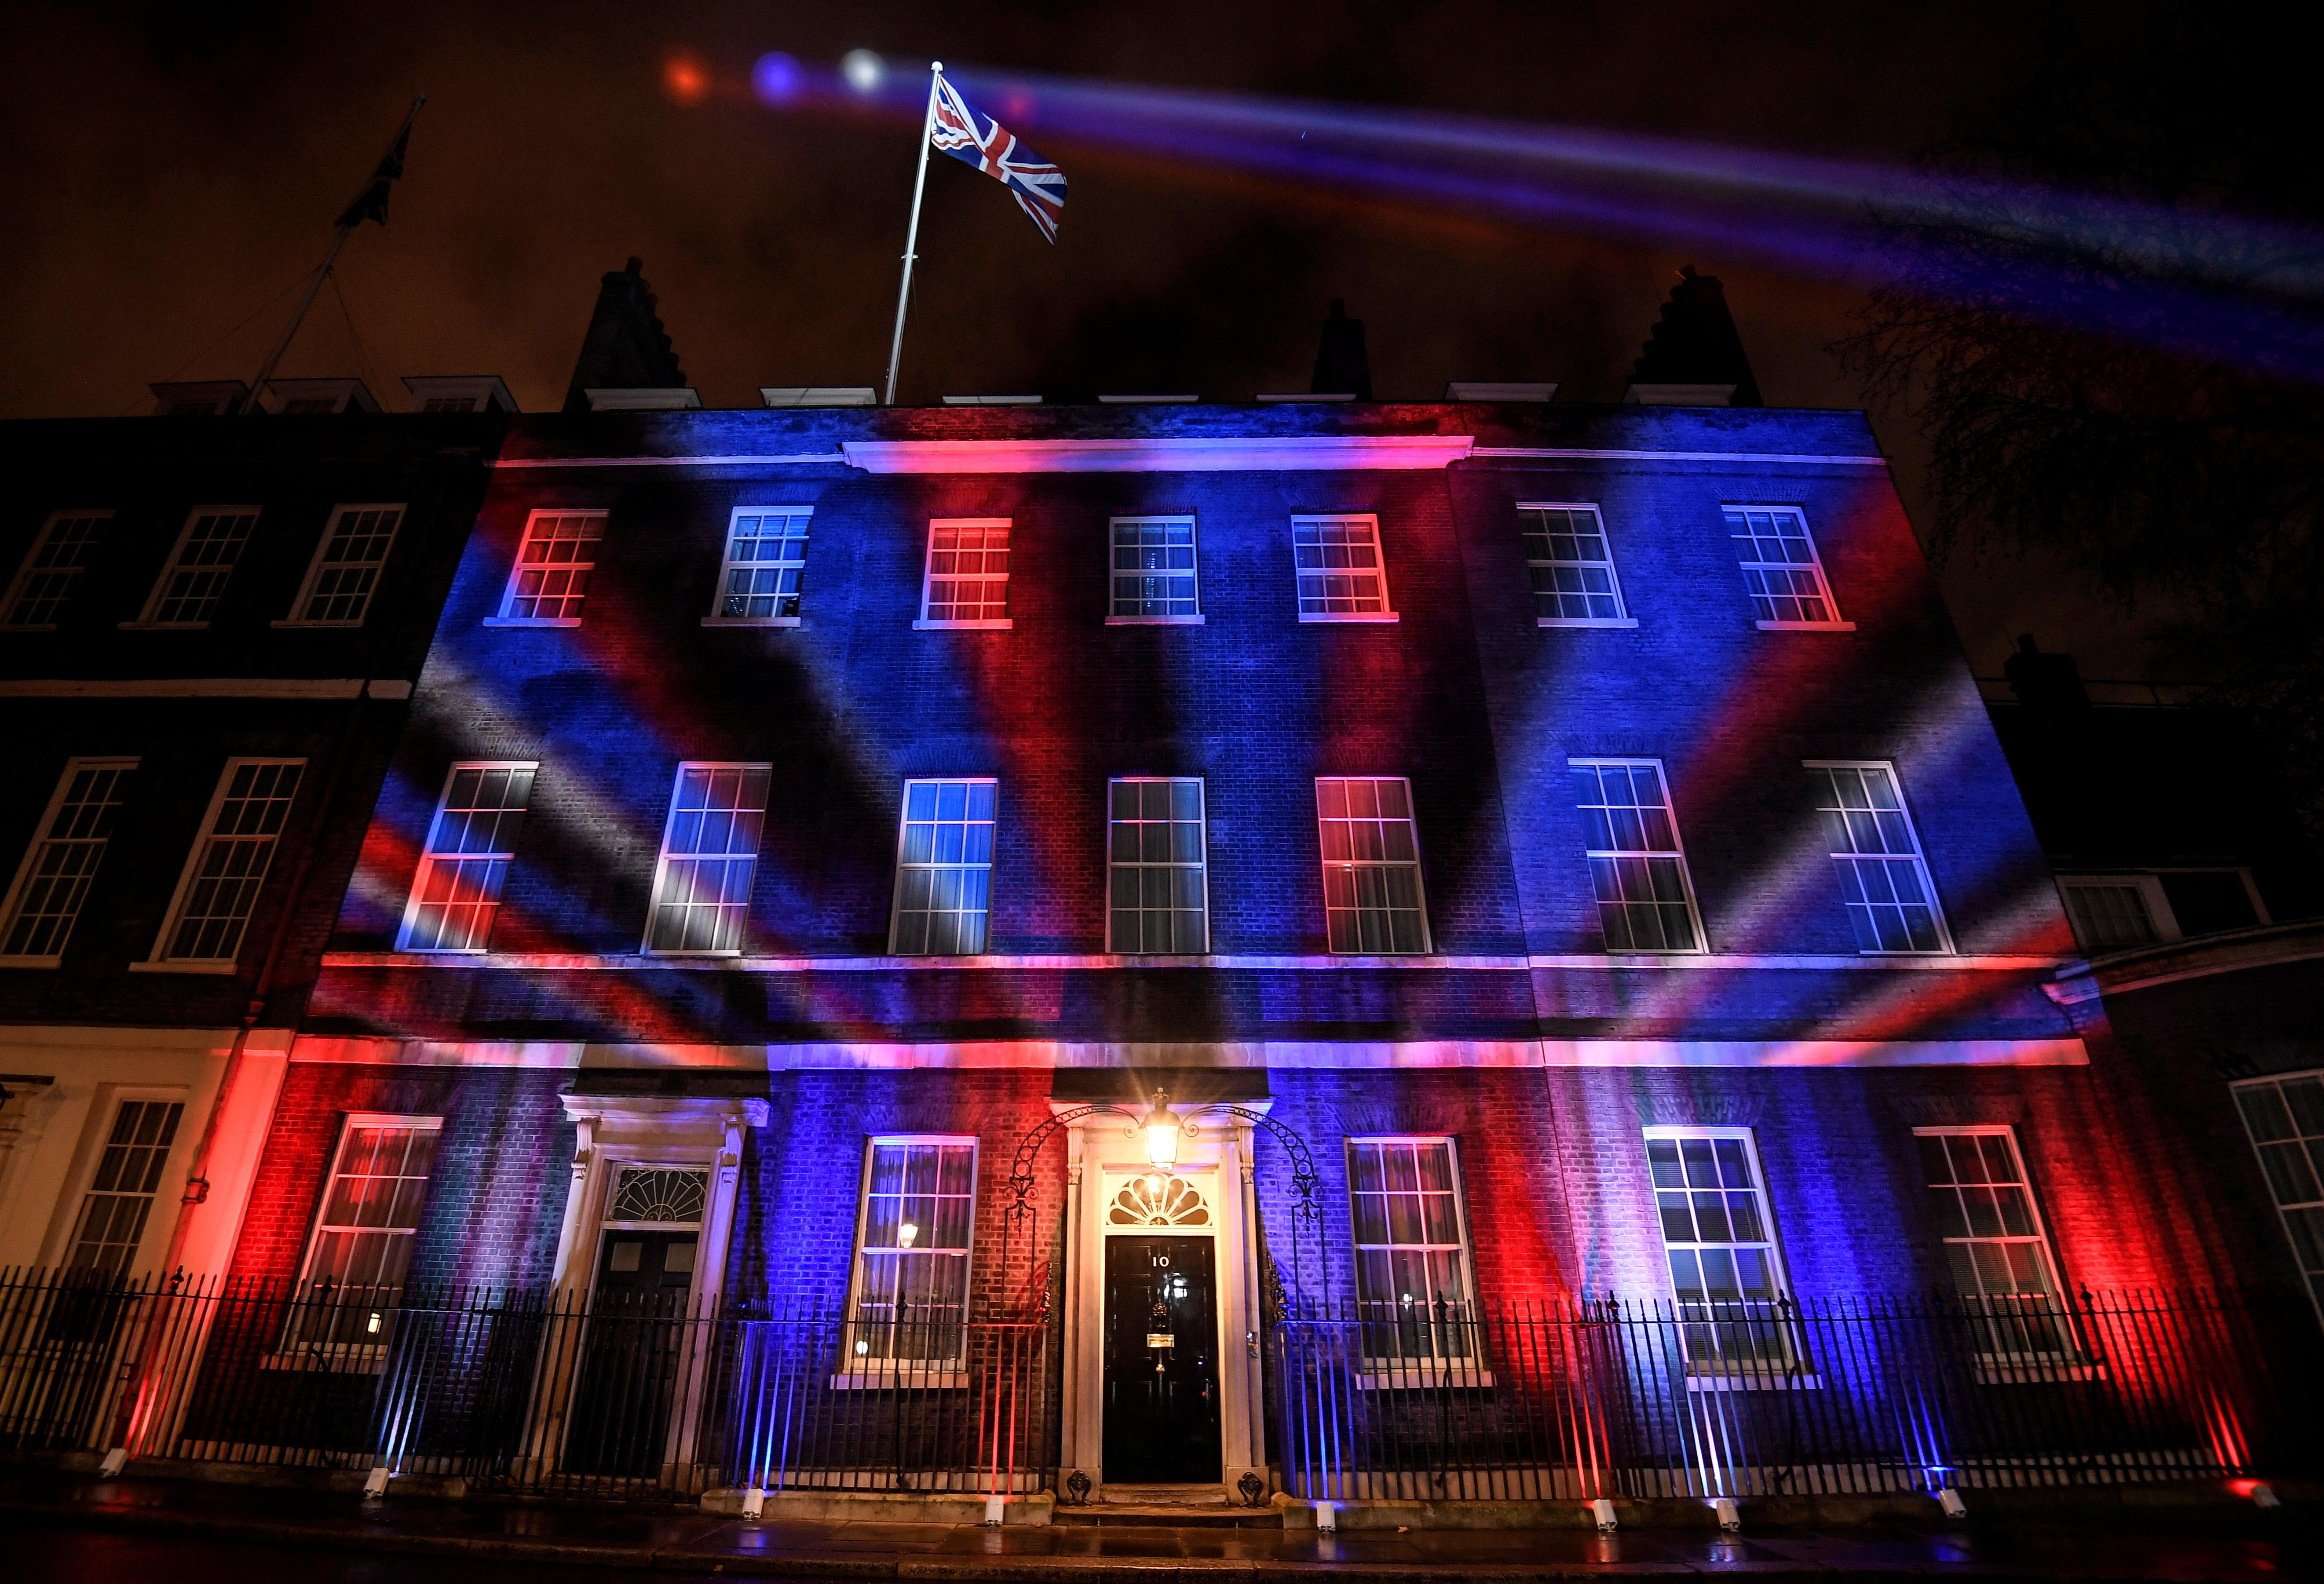 הברקזיט בלונדון. צילום: רויטרס